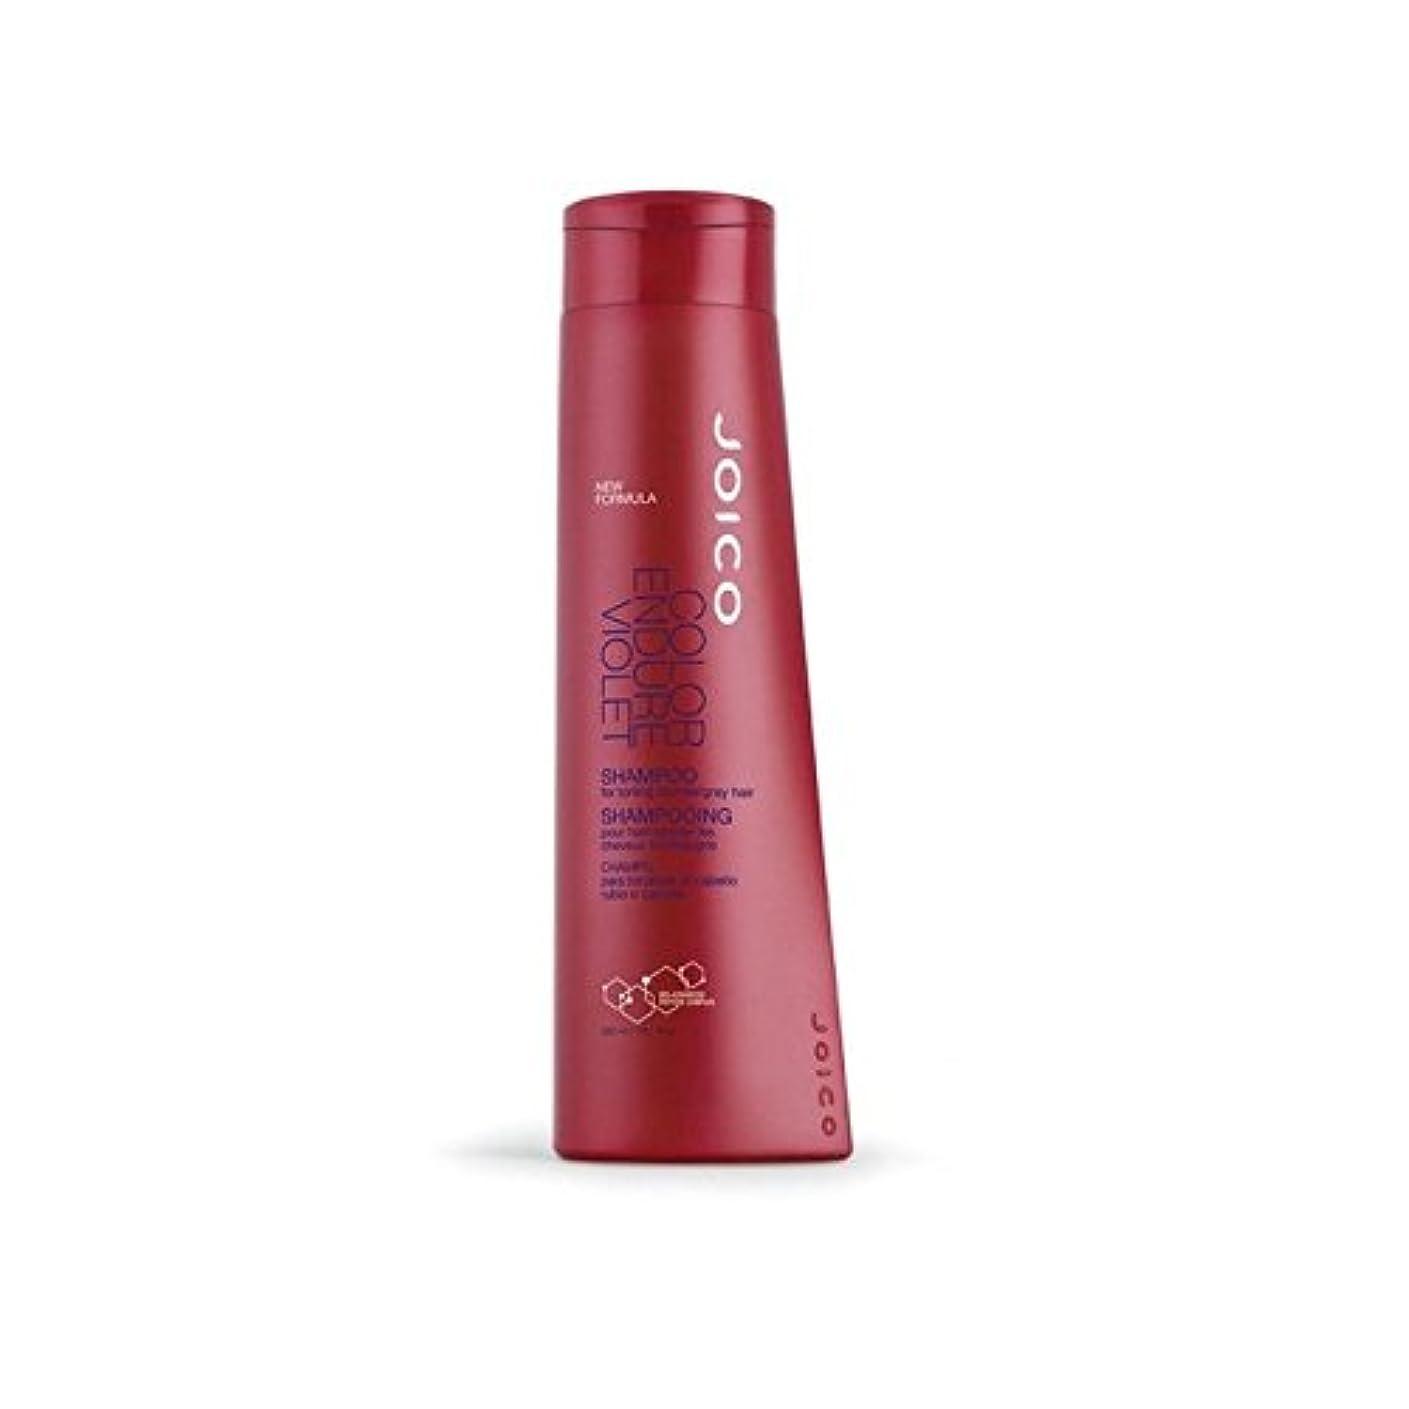 ストリーム先生知恵Joico Color Endure Violet Shampoo (300ml) - 紫色のシャンプーに耐えジョイコ色(300ミリリットル) [並行輸入品]